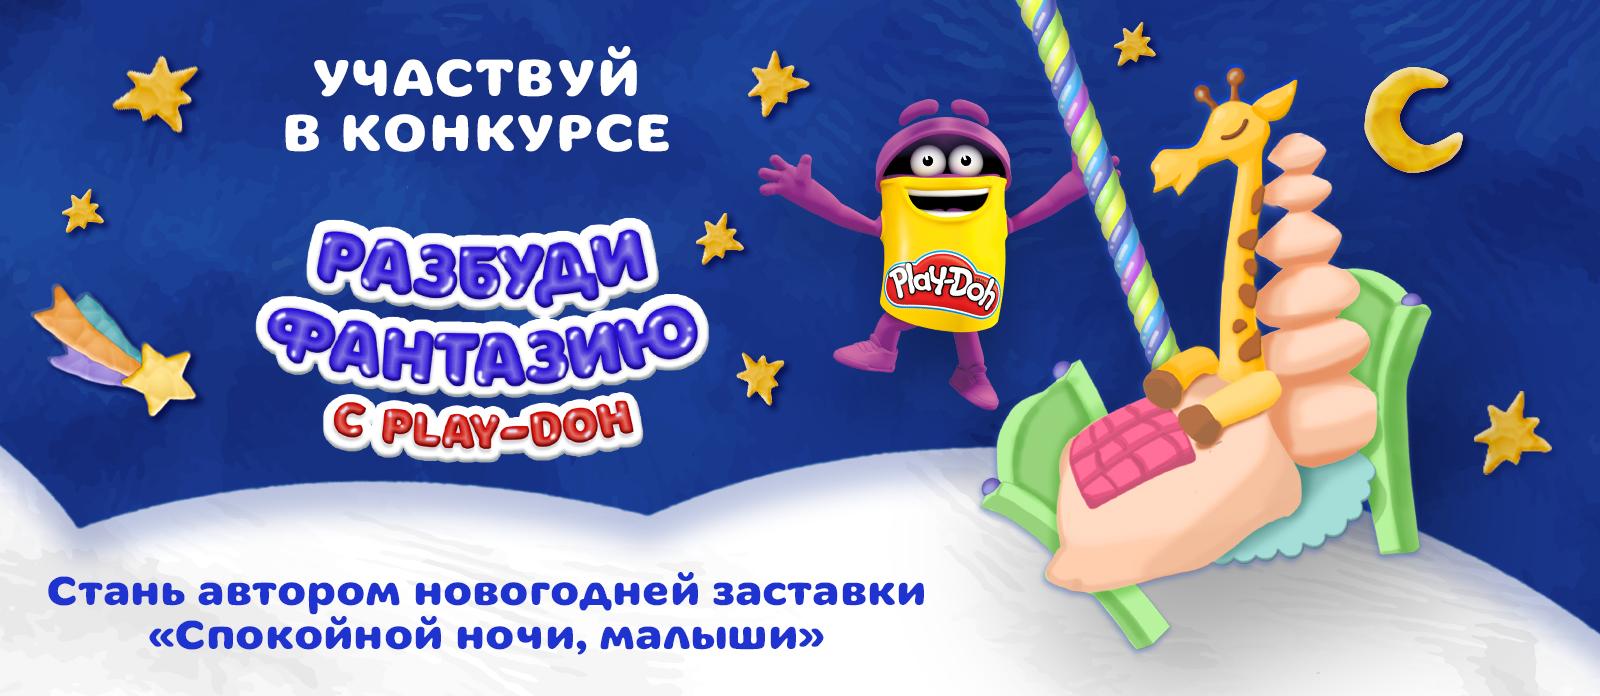 Разбуди фантазию с Play-Doh!